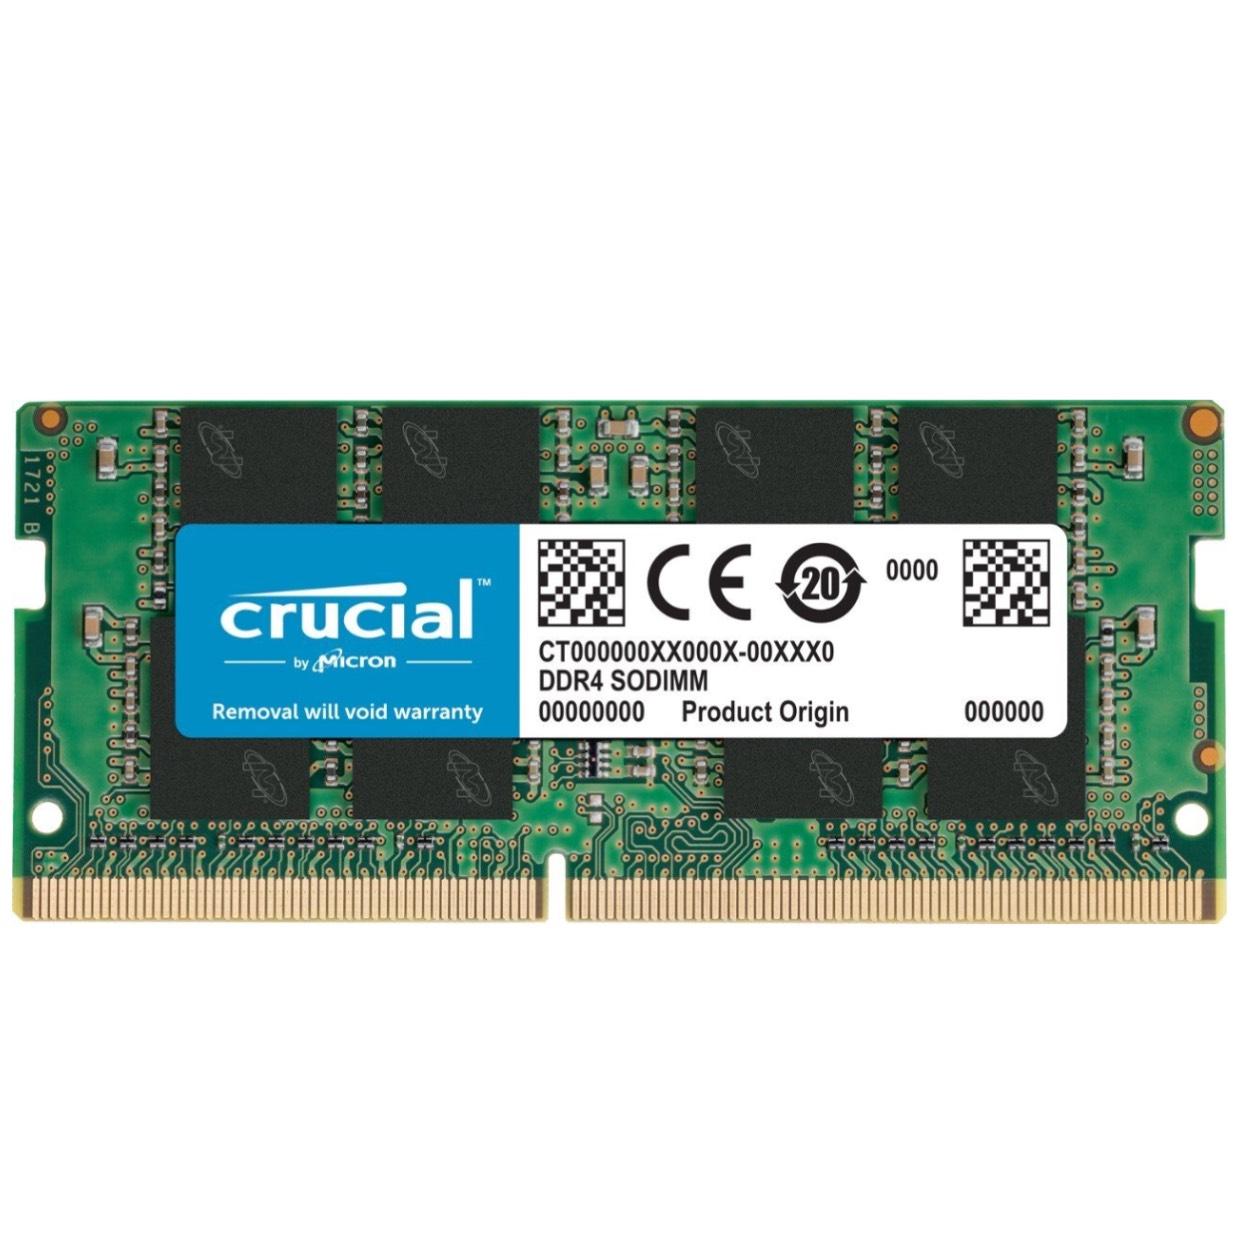 Amazon: Crucial 8GB DDR4 8GB DDR4 2400MHz (laptop)